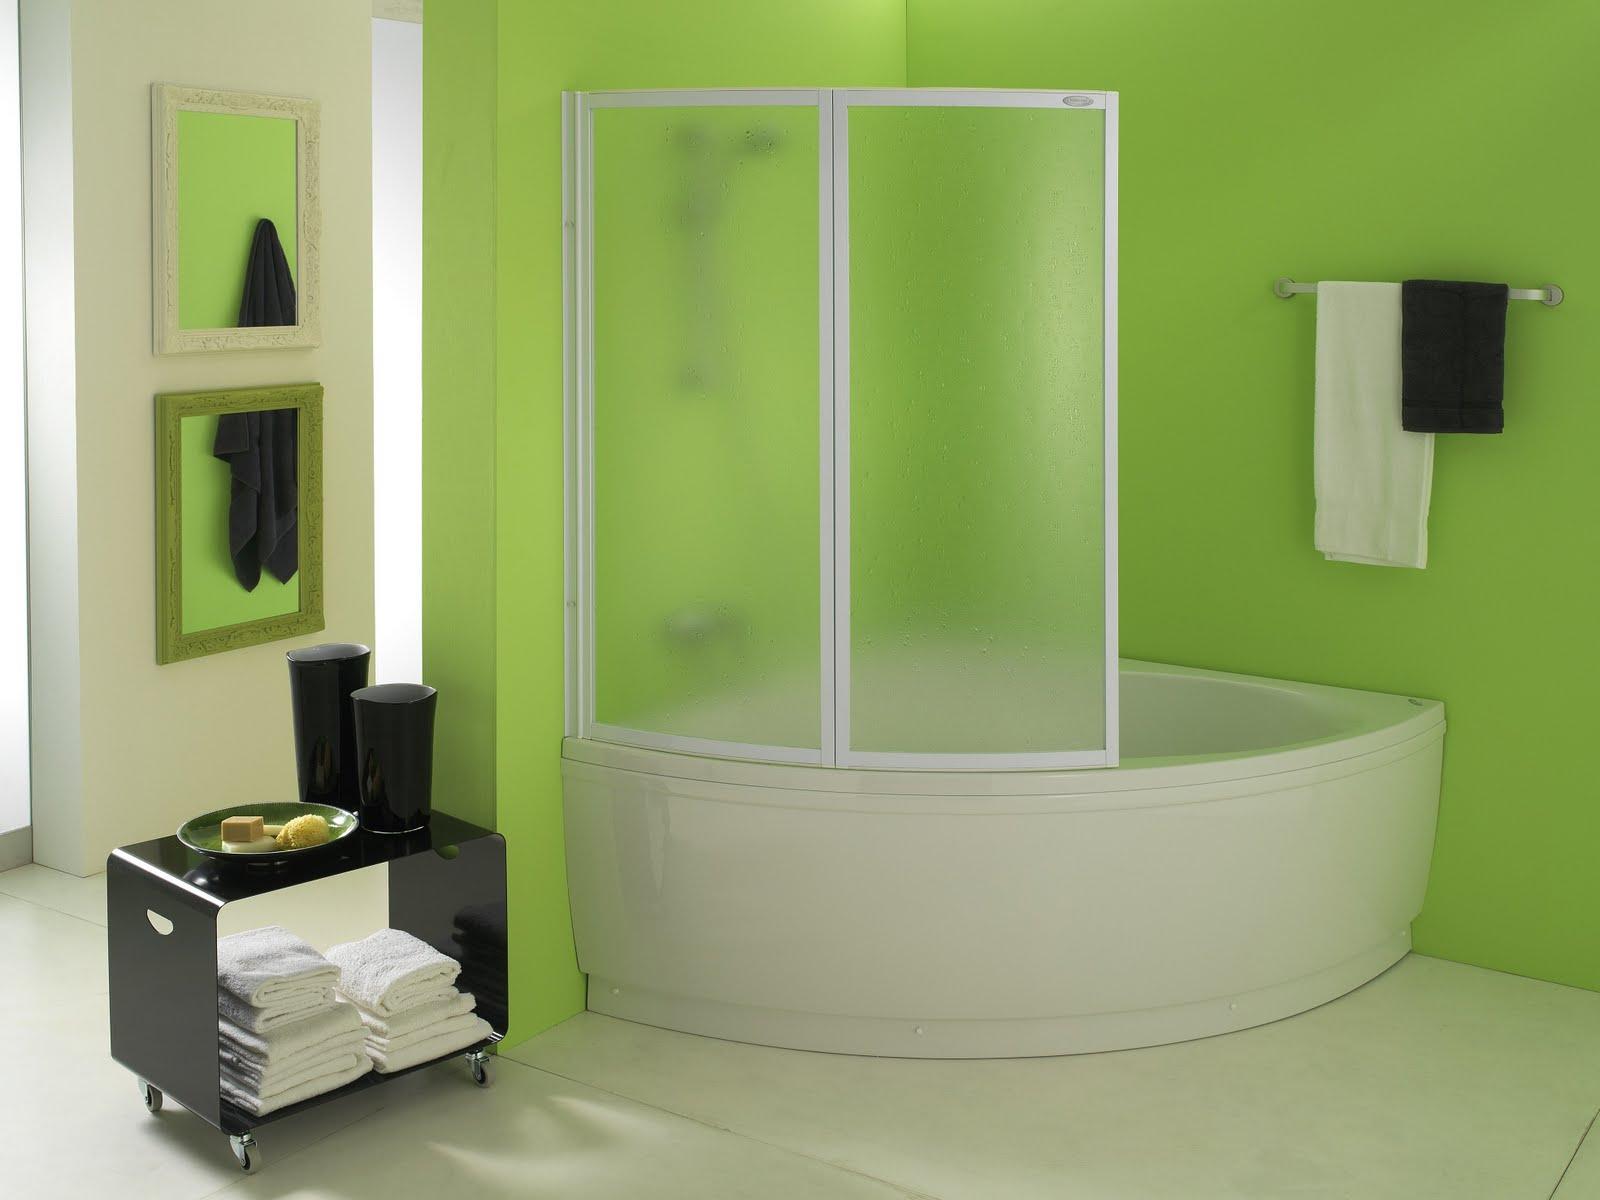 Двухсеционная стеклянная шторка для угловой ванной